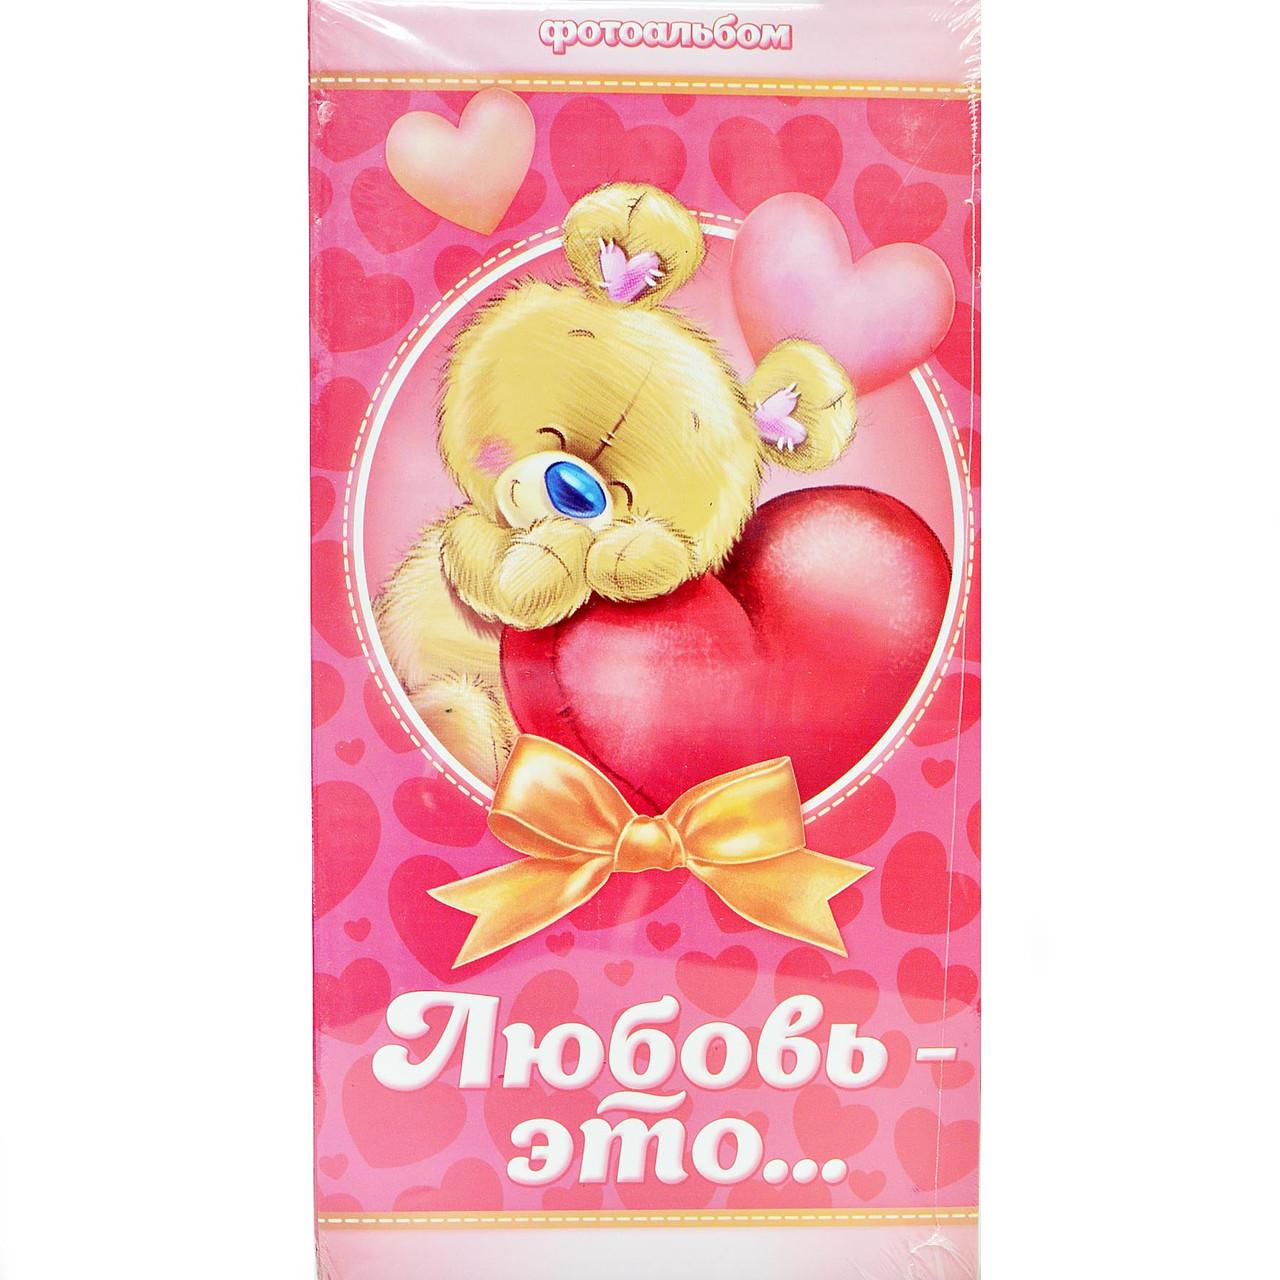 """Фотоальбом """"Любовь Это"""" (детский альбом)  300/10х15см."""